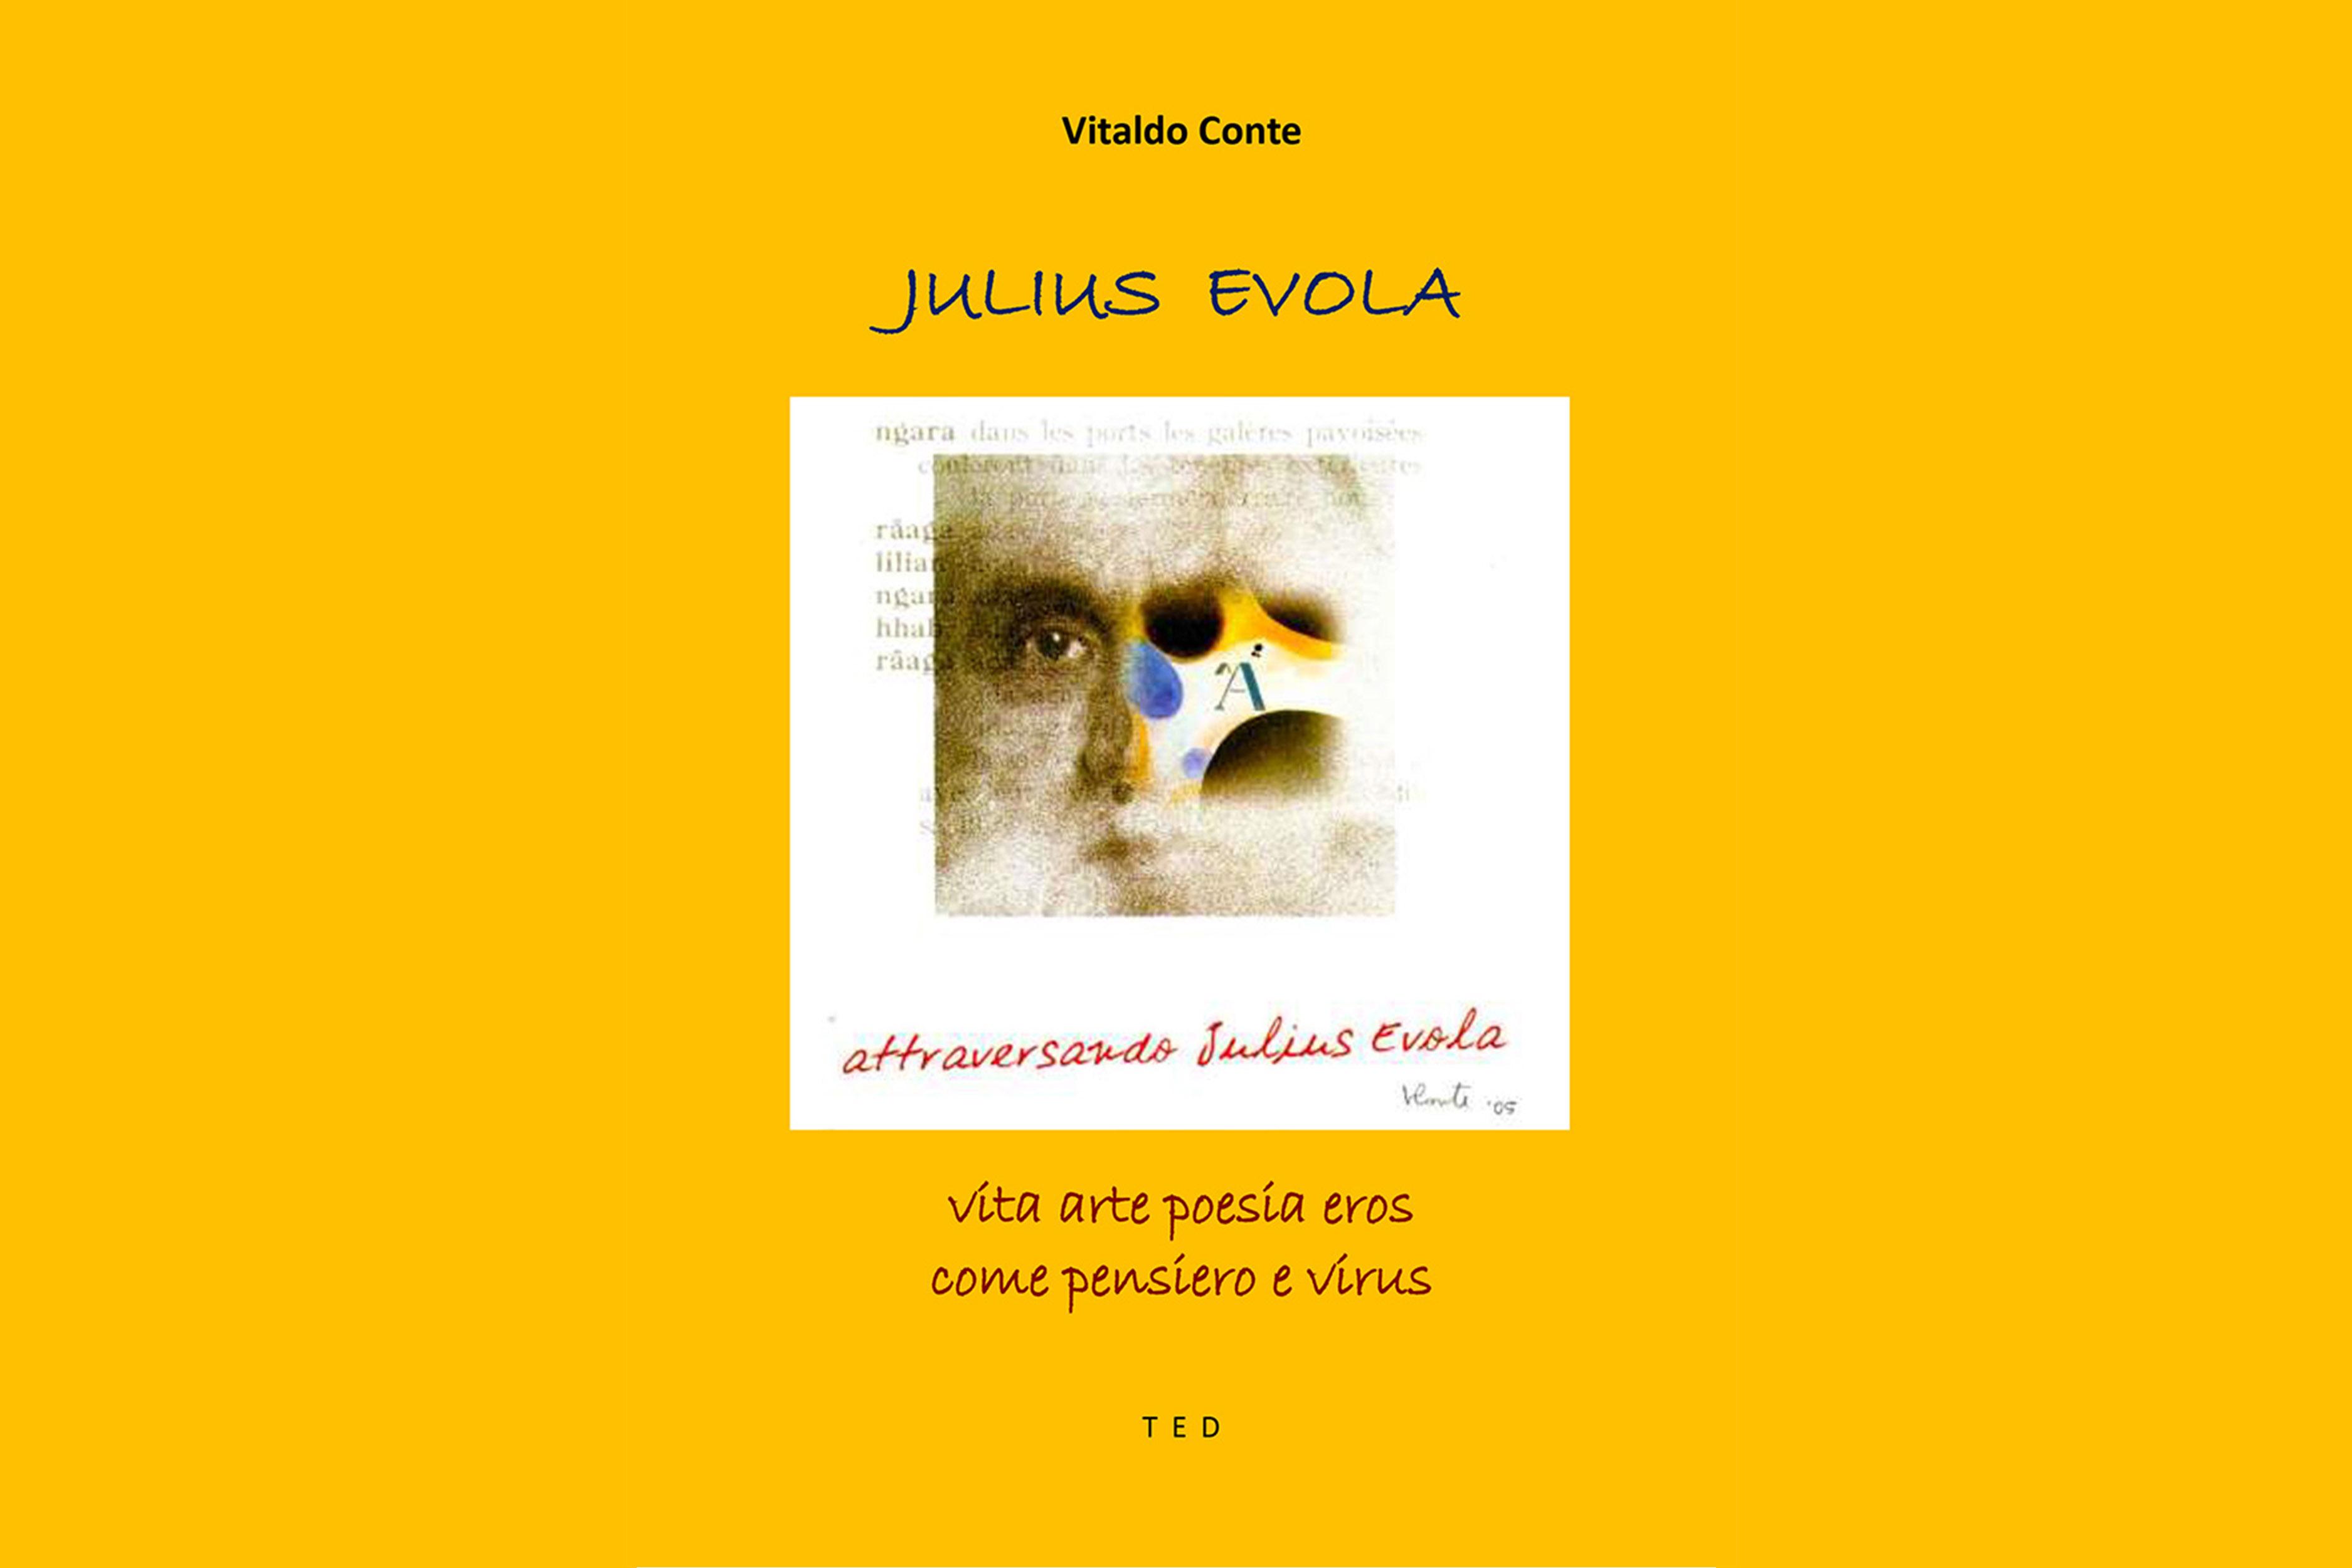 """L'immagine mostra la copertina del libro """"Vita arte poesia eros come pensiero e virus"""" di Julius Evola. La copertina è quasi interamente gialla con al centro una piccola icona composta dal collage di alcune opere d0arte e scritte rosse"""